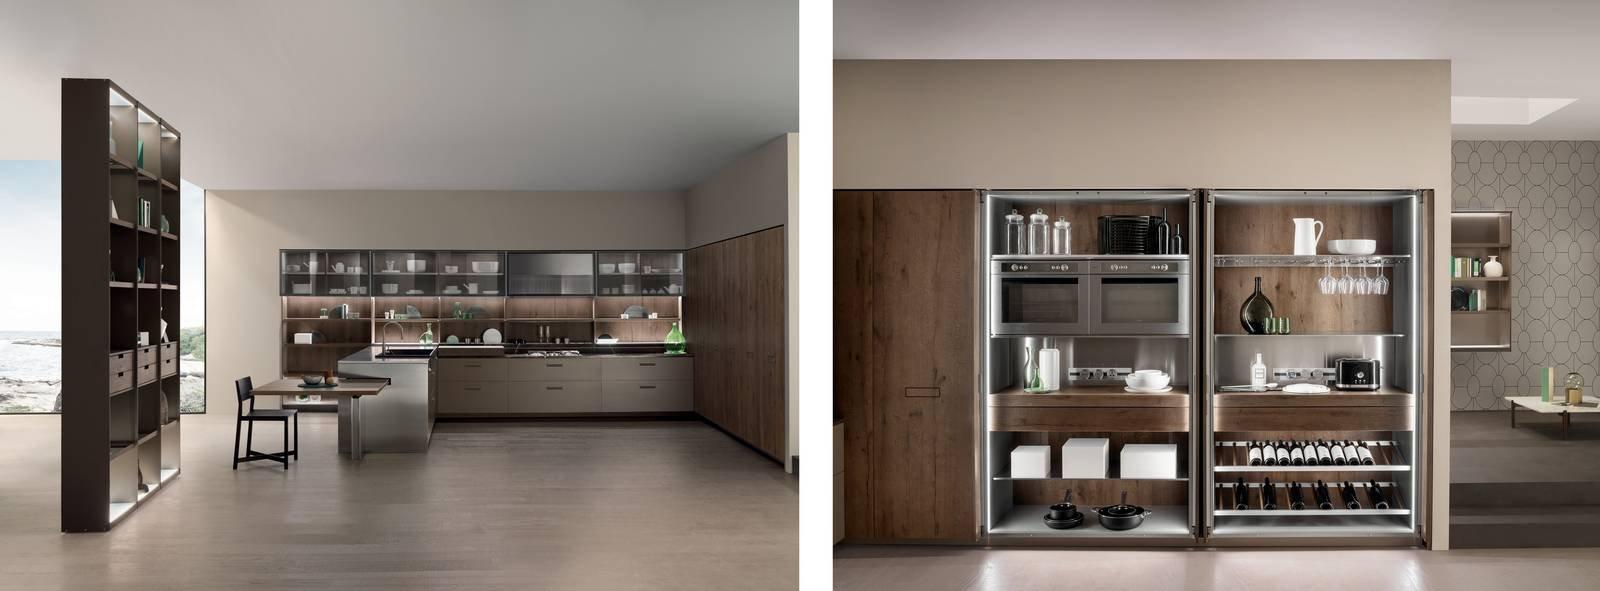 Organizzare Interno Mobili Cucina dentro i mobili della cucina: spazio in più, facile da usare